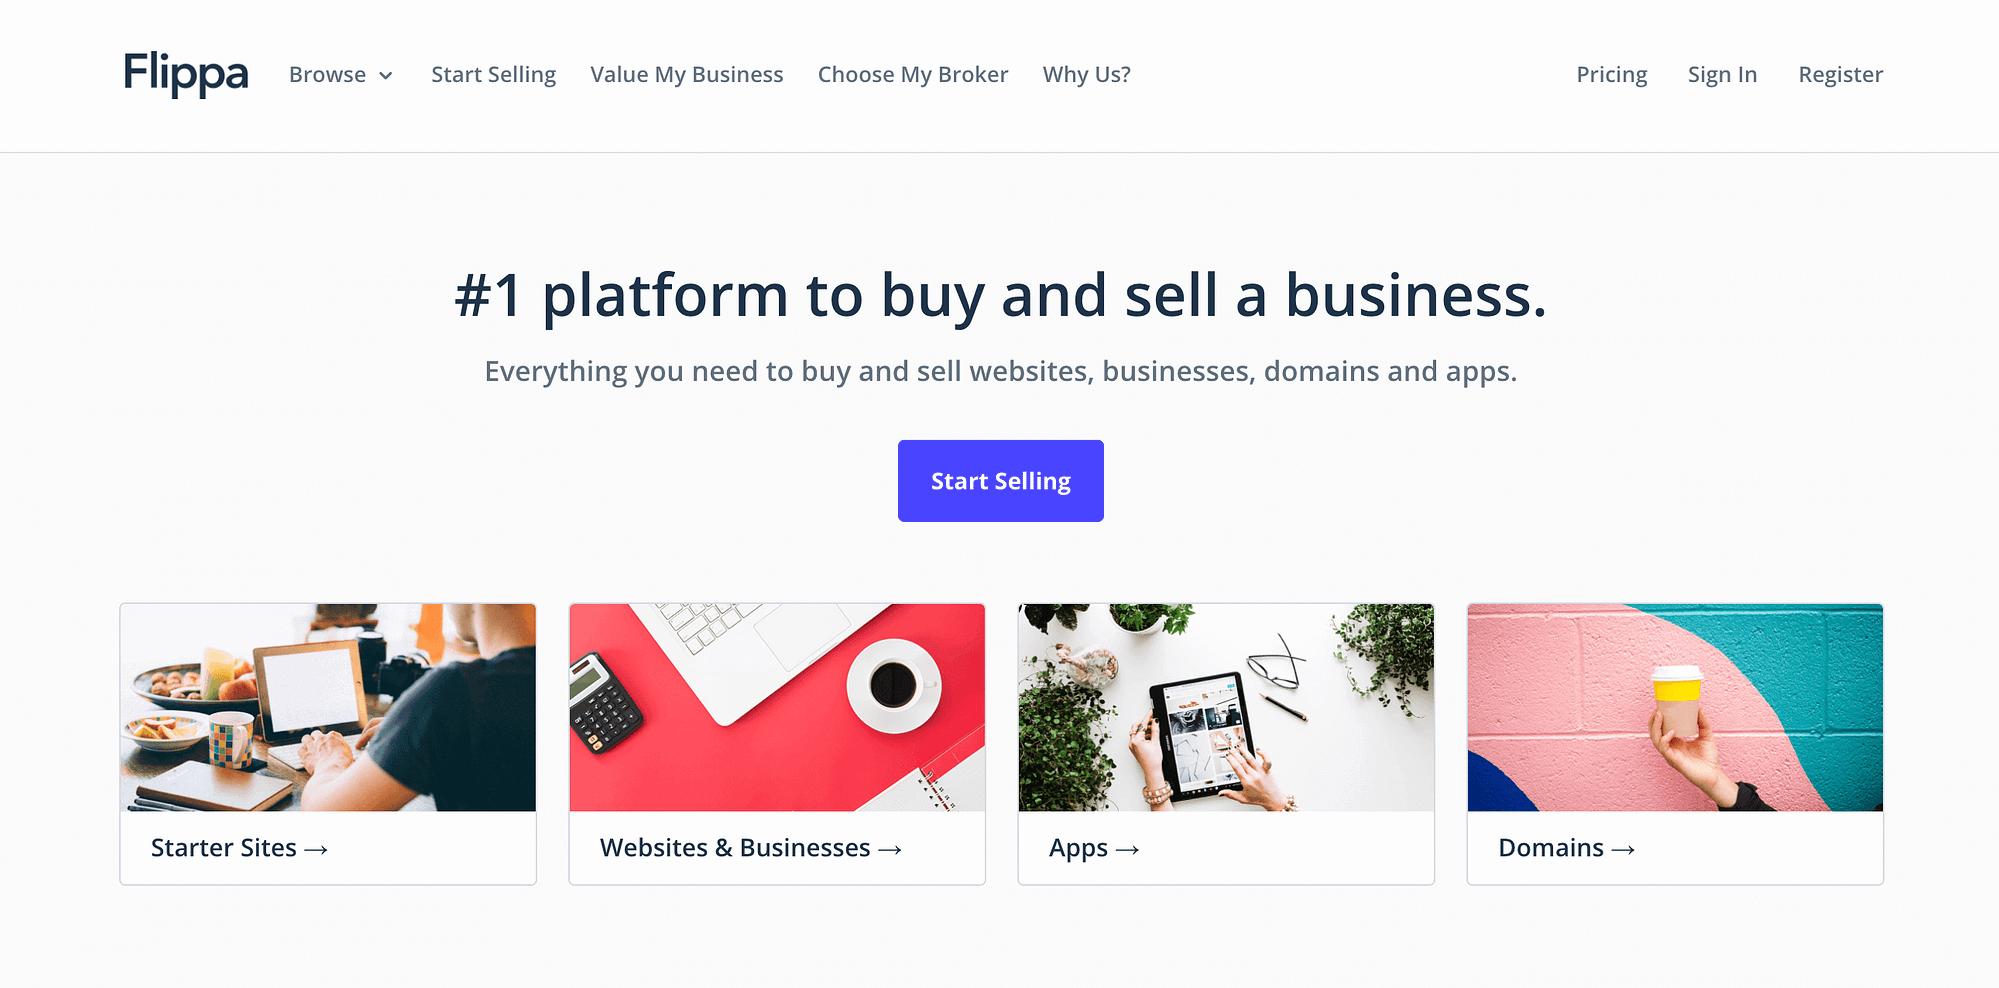 La página de inicio de Flippa.